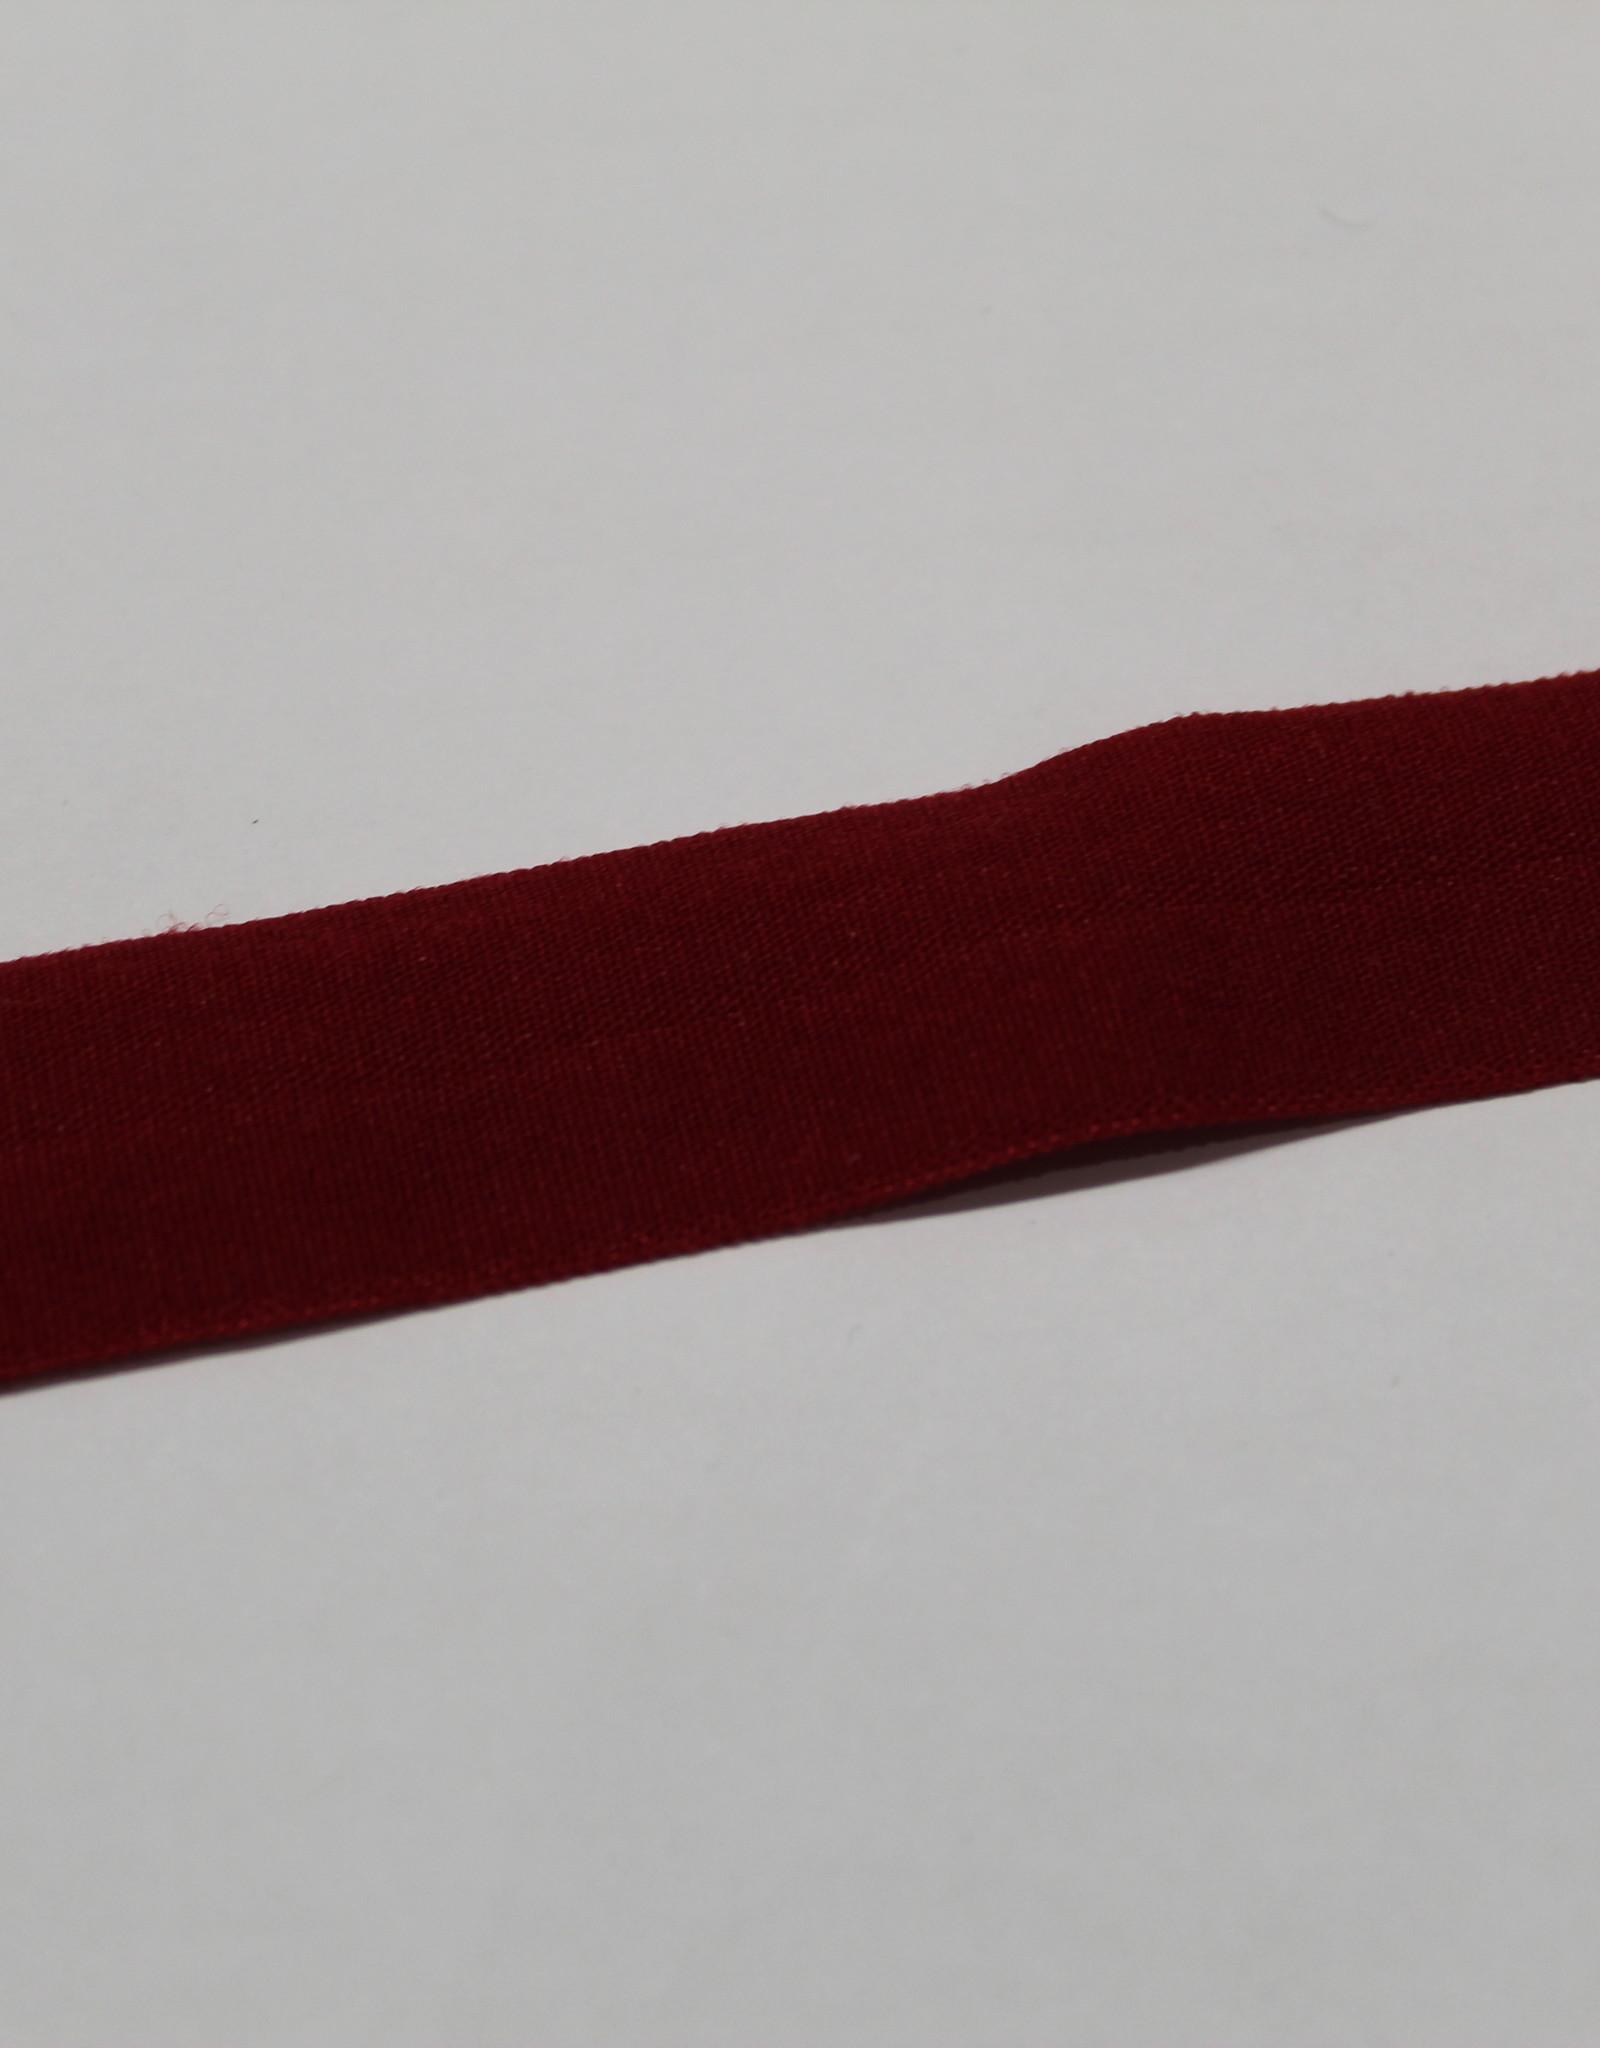 Elastisch biais - lint met vouwlijn bordeau 19mm